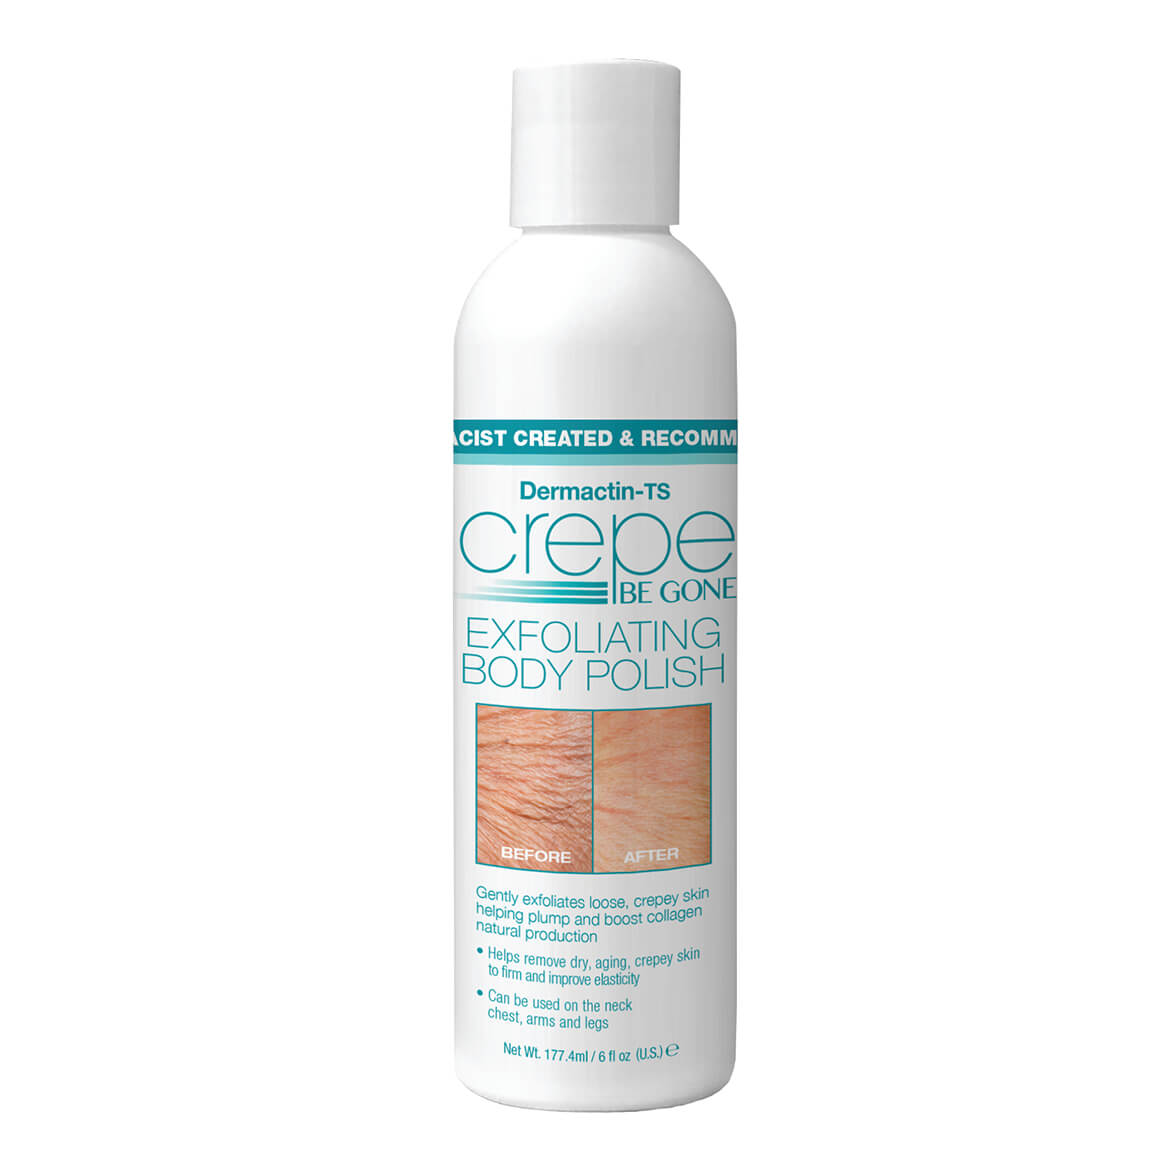 Crepe Be Gone Exfoliating Body Polish 6 oz.-366727